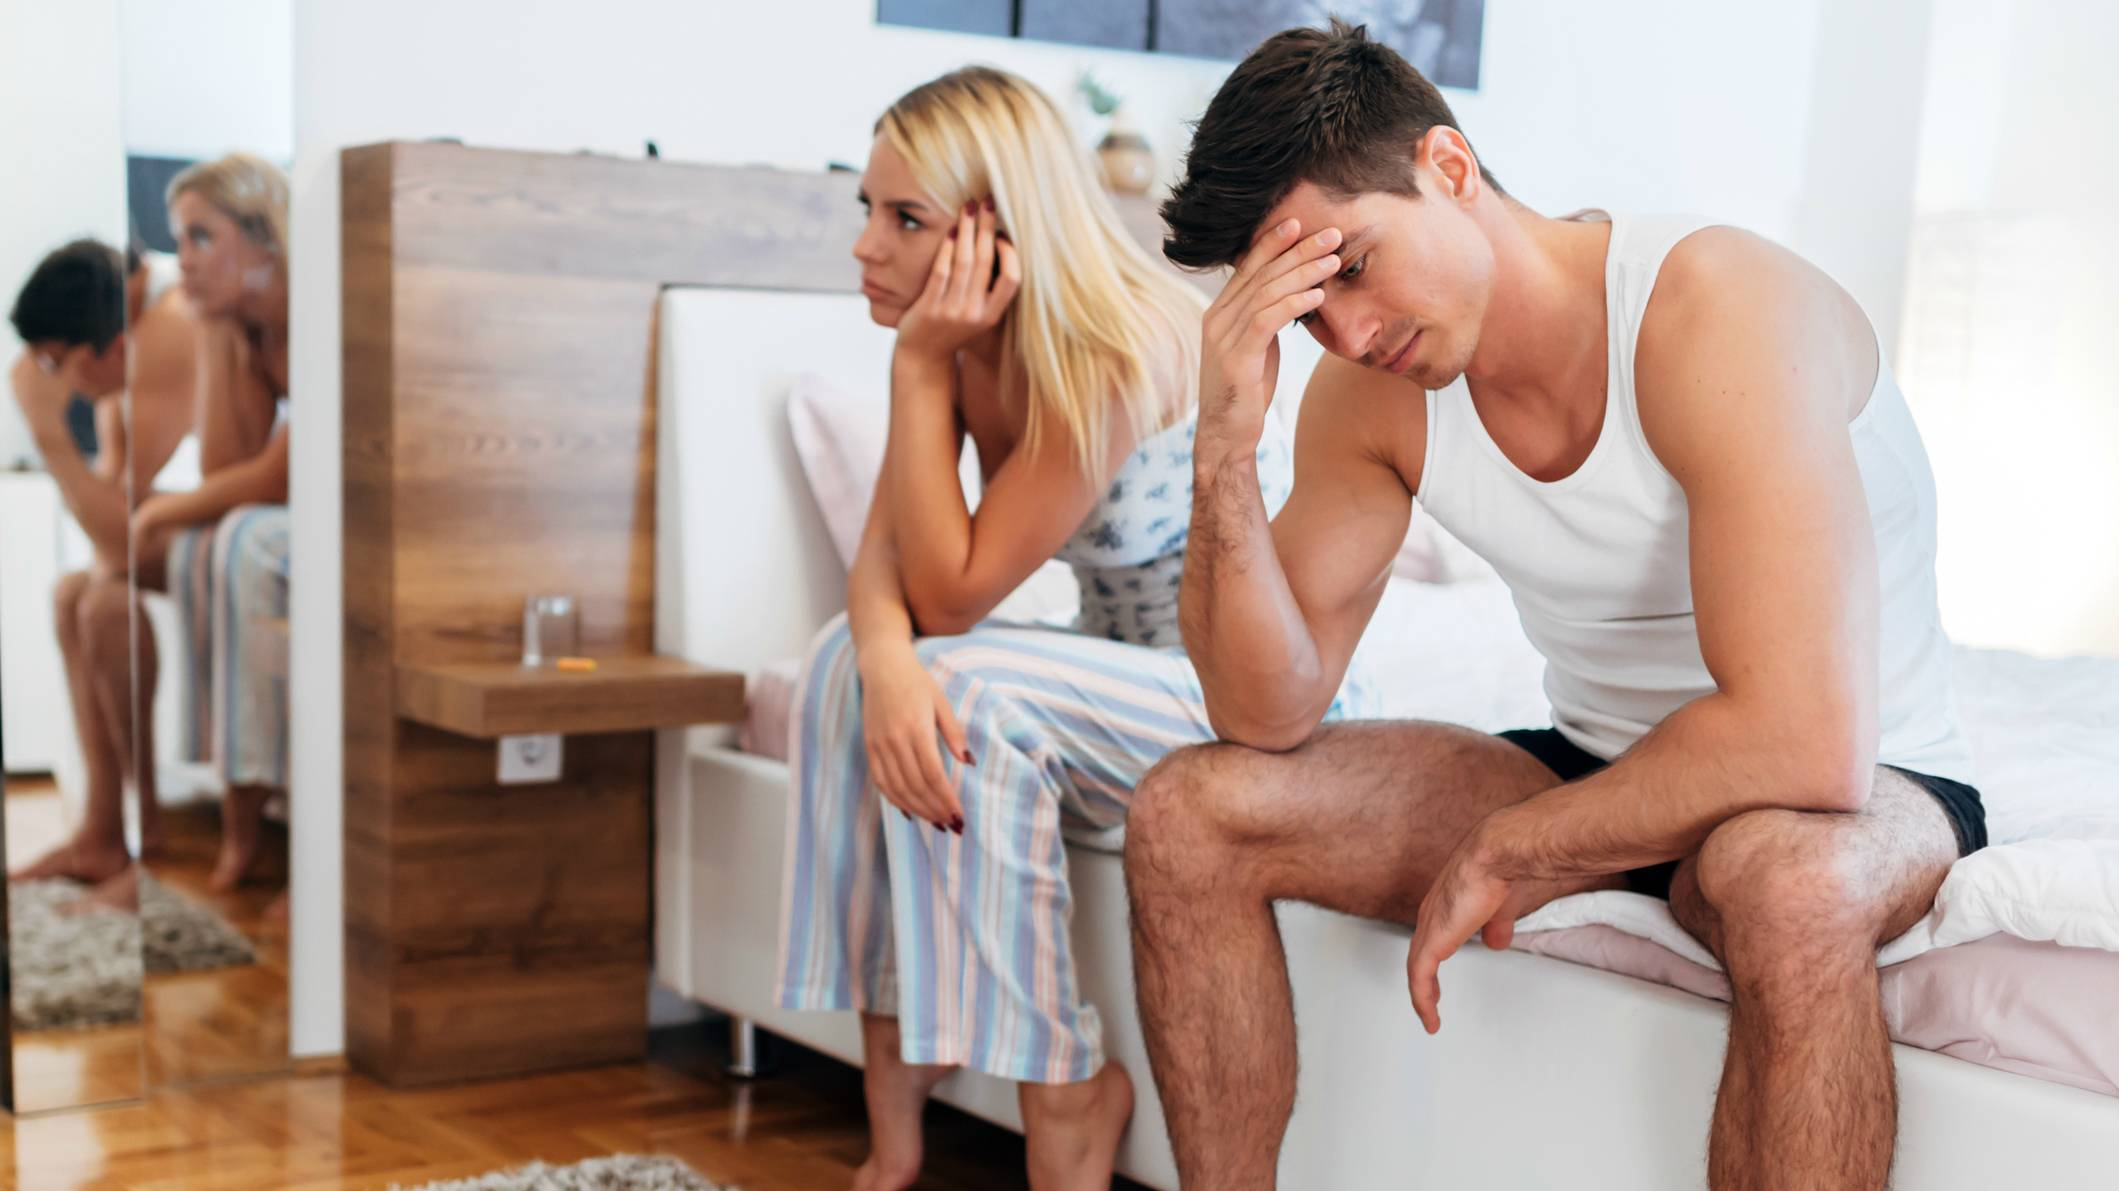 az erekció hirtelen eltűnt, mit kell tenni férfi erekciós megjelenés